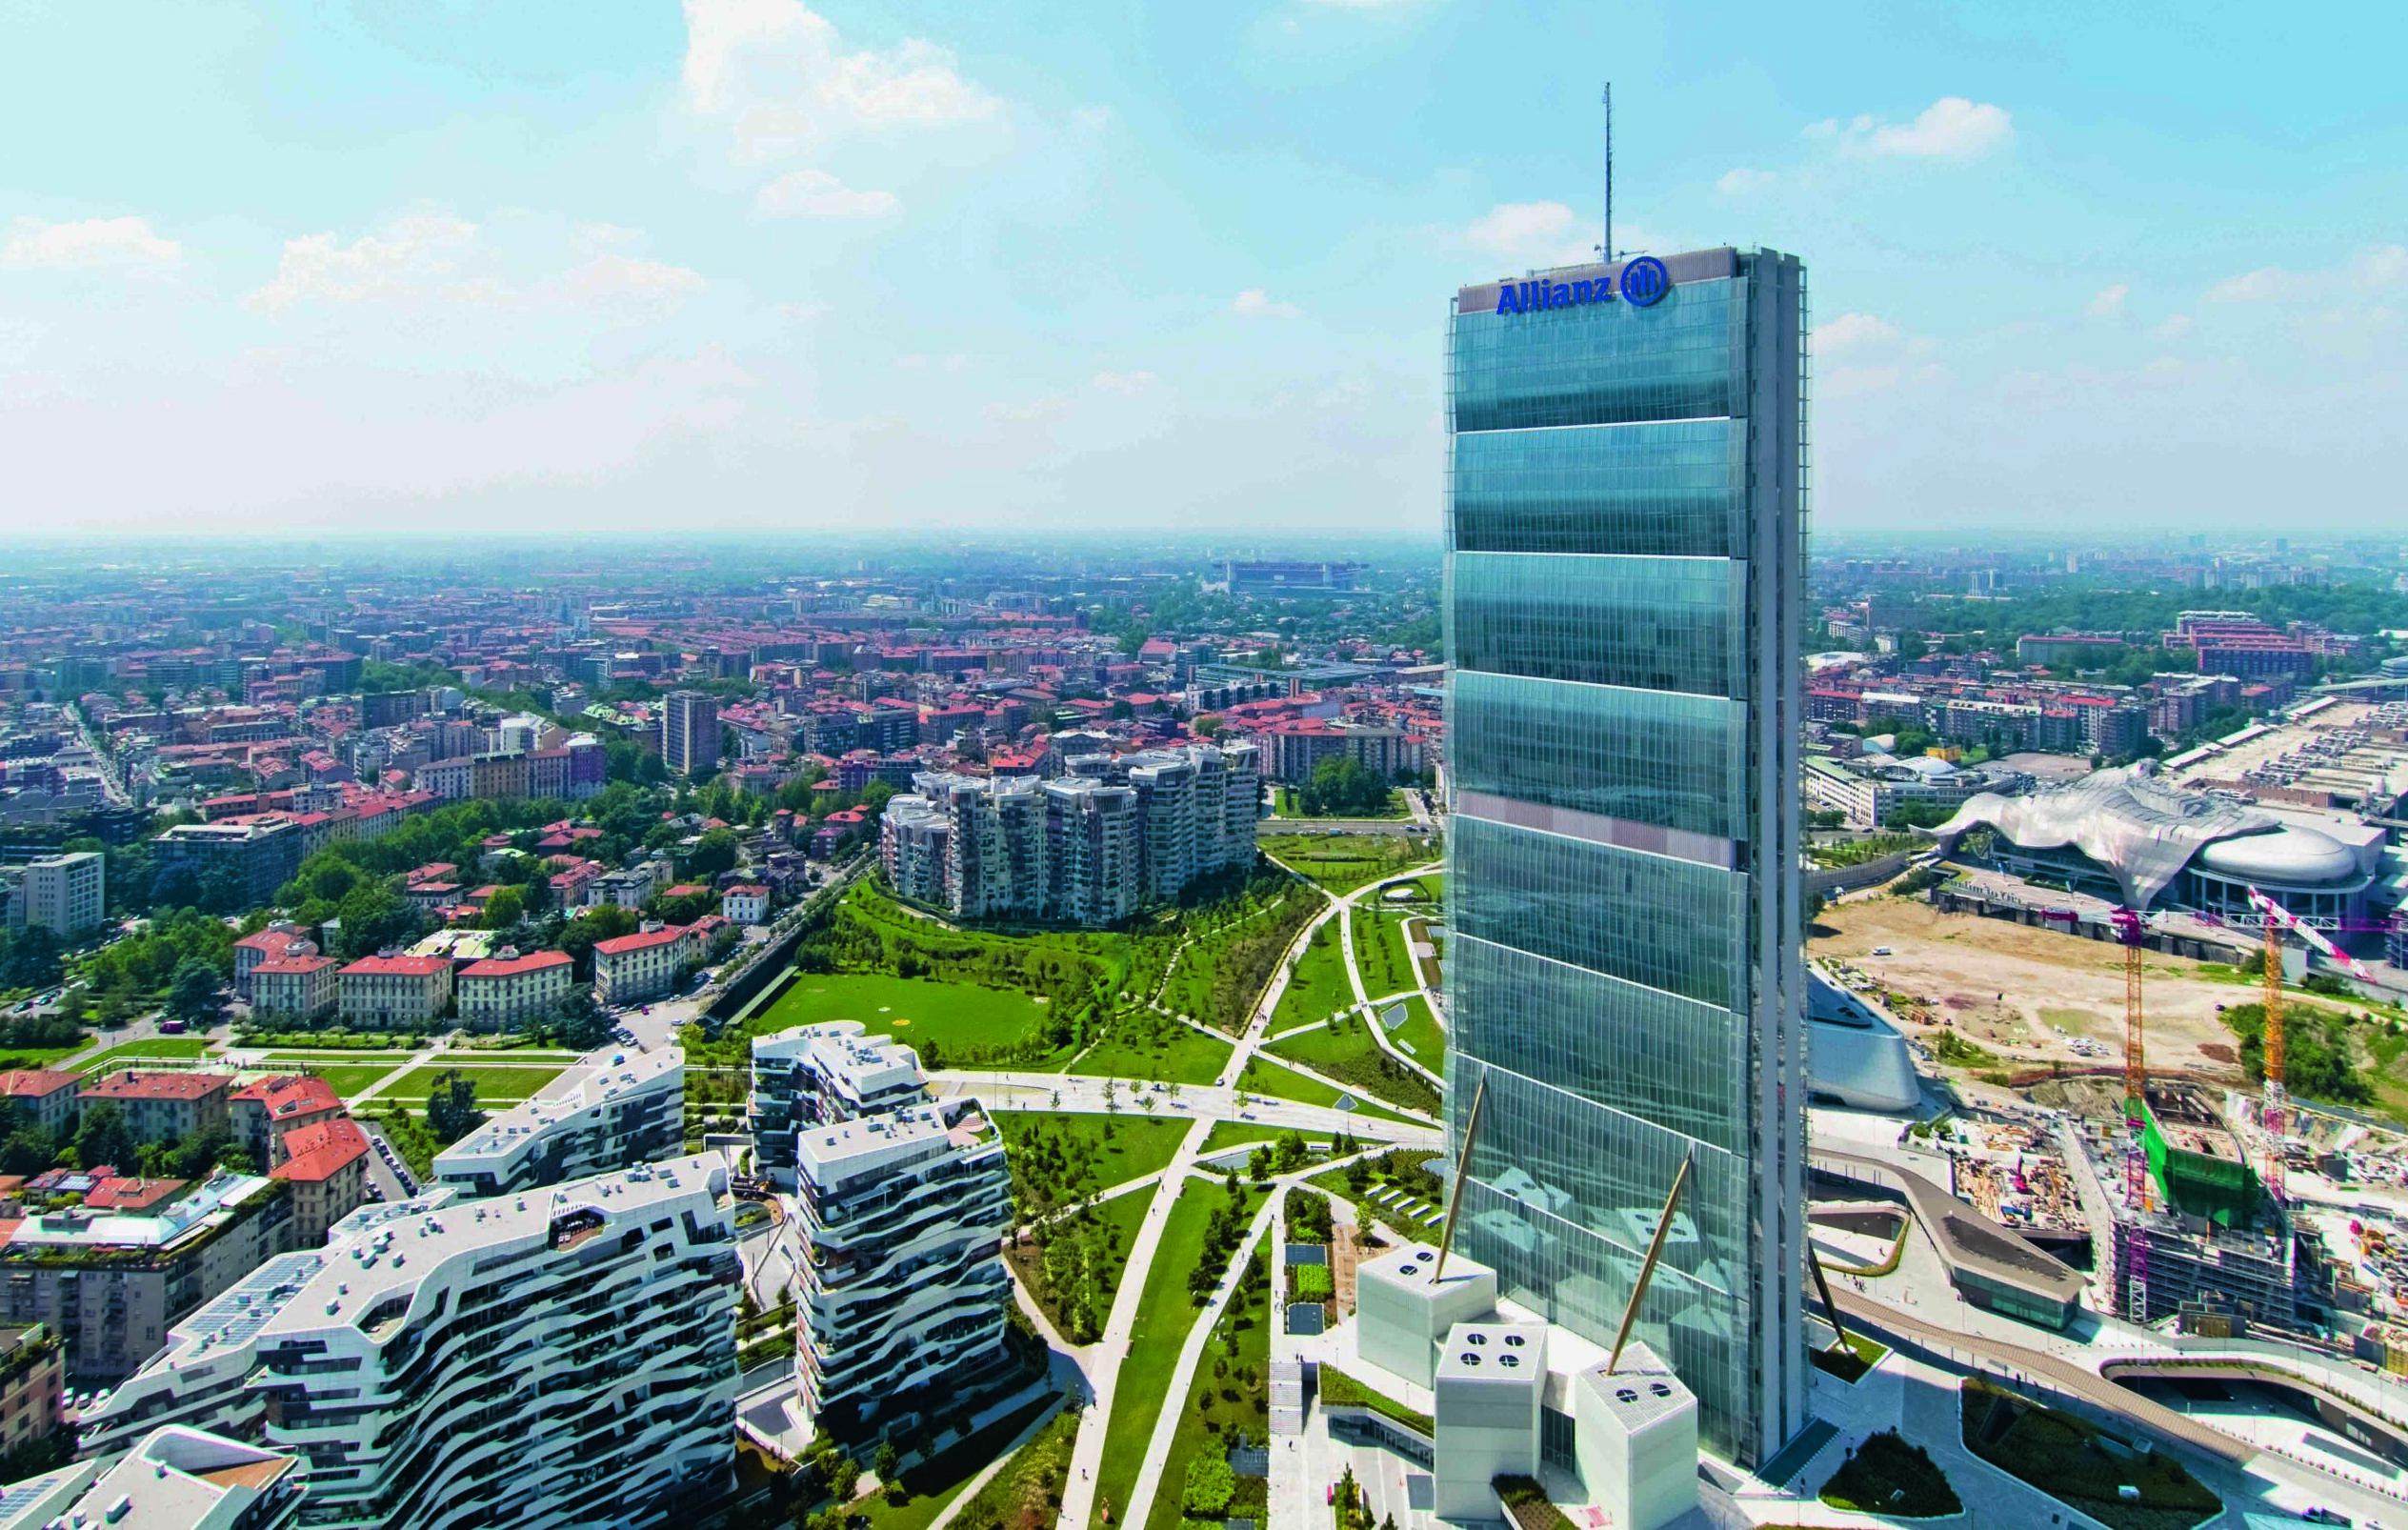 La storia e i segreti della Torre Allianz di Milano raccolti in un libro, un modulo di sei piani ripetibile potenzialmente all'infinito